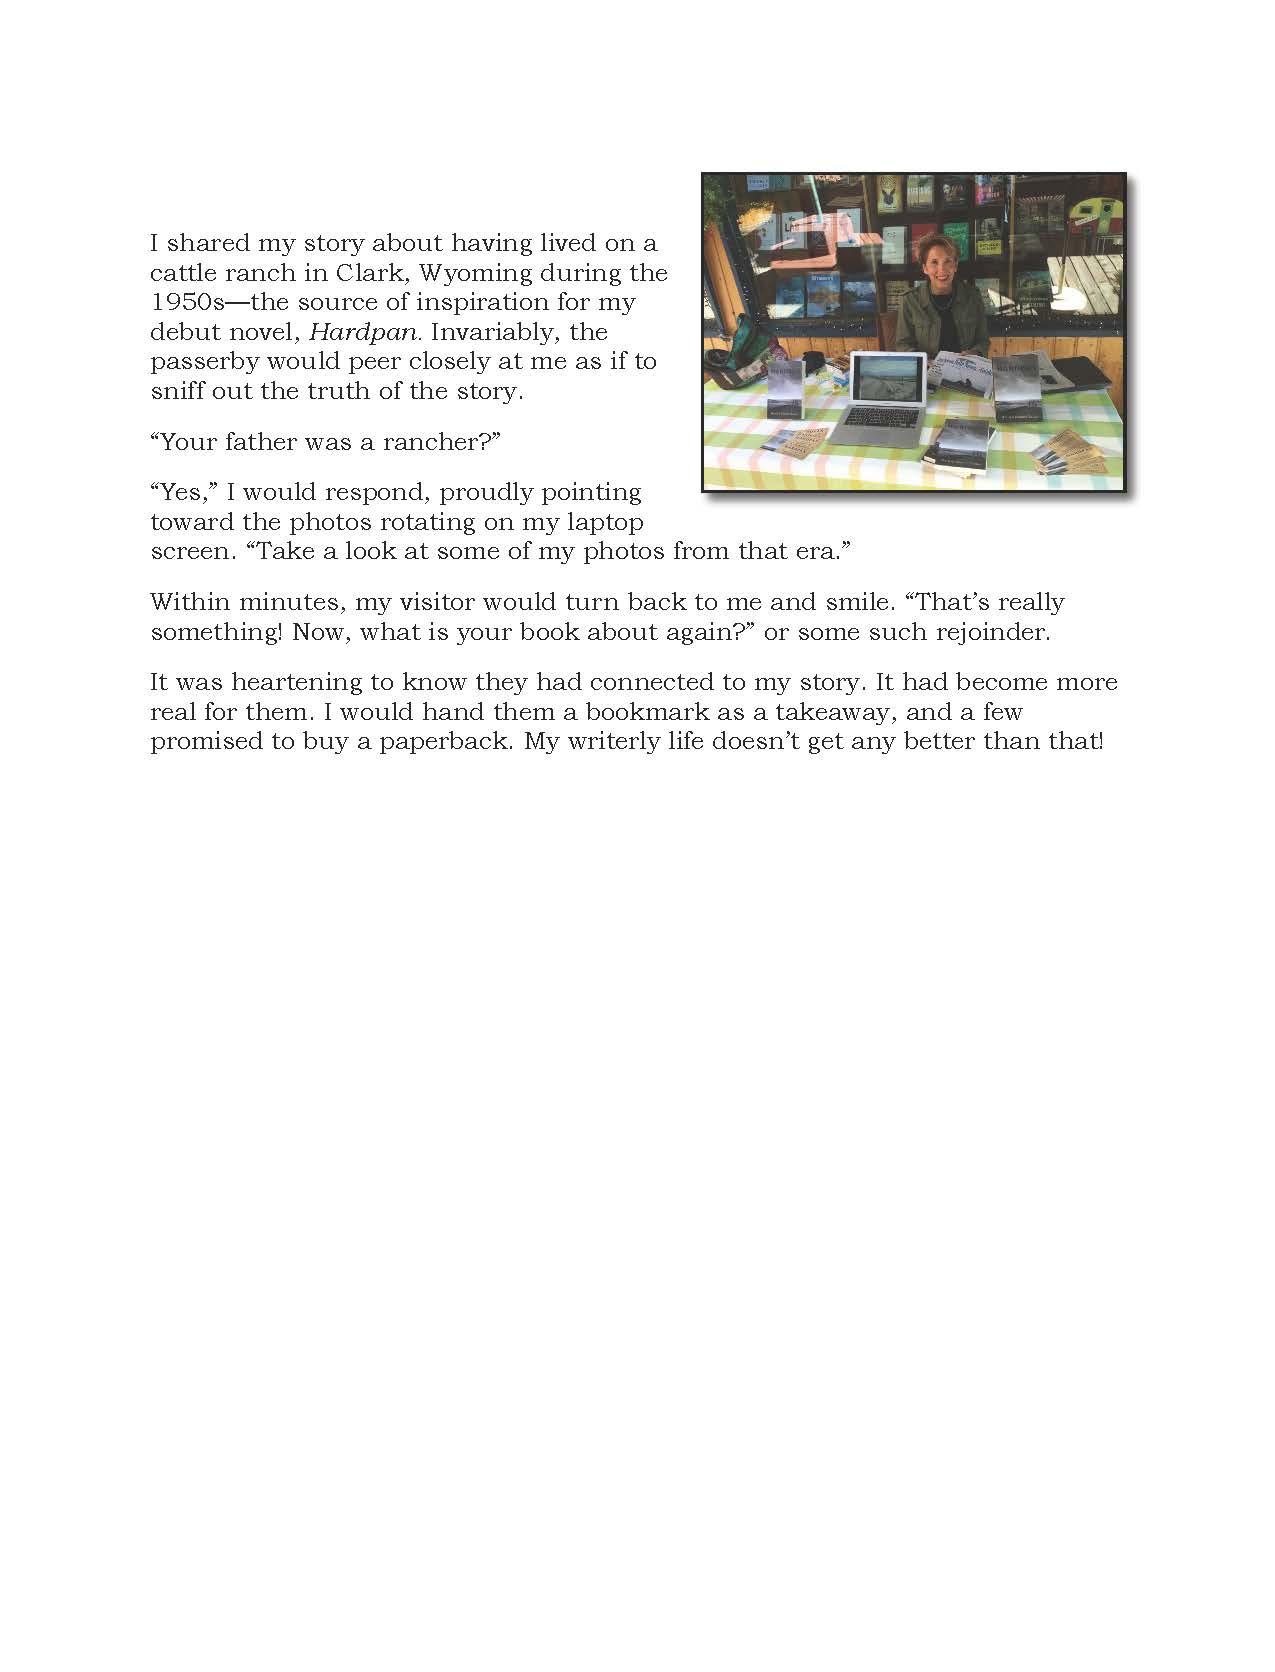 wyoming-book-tour-master-rev-10-23-16-1_page_19